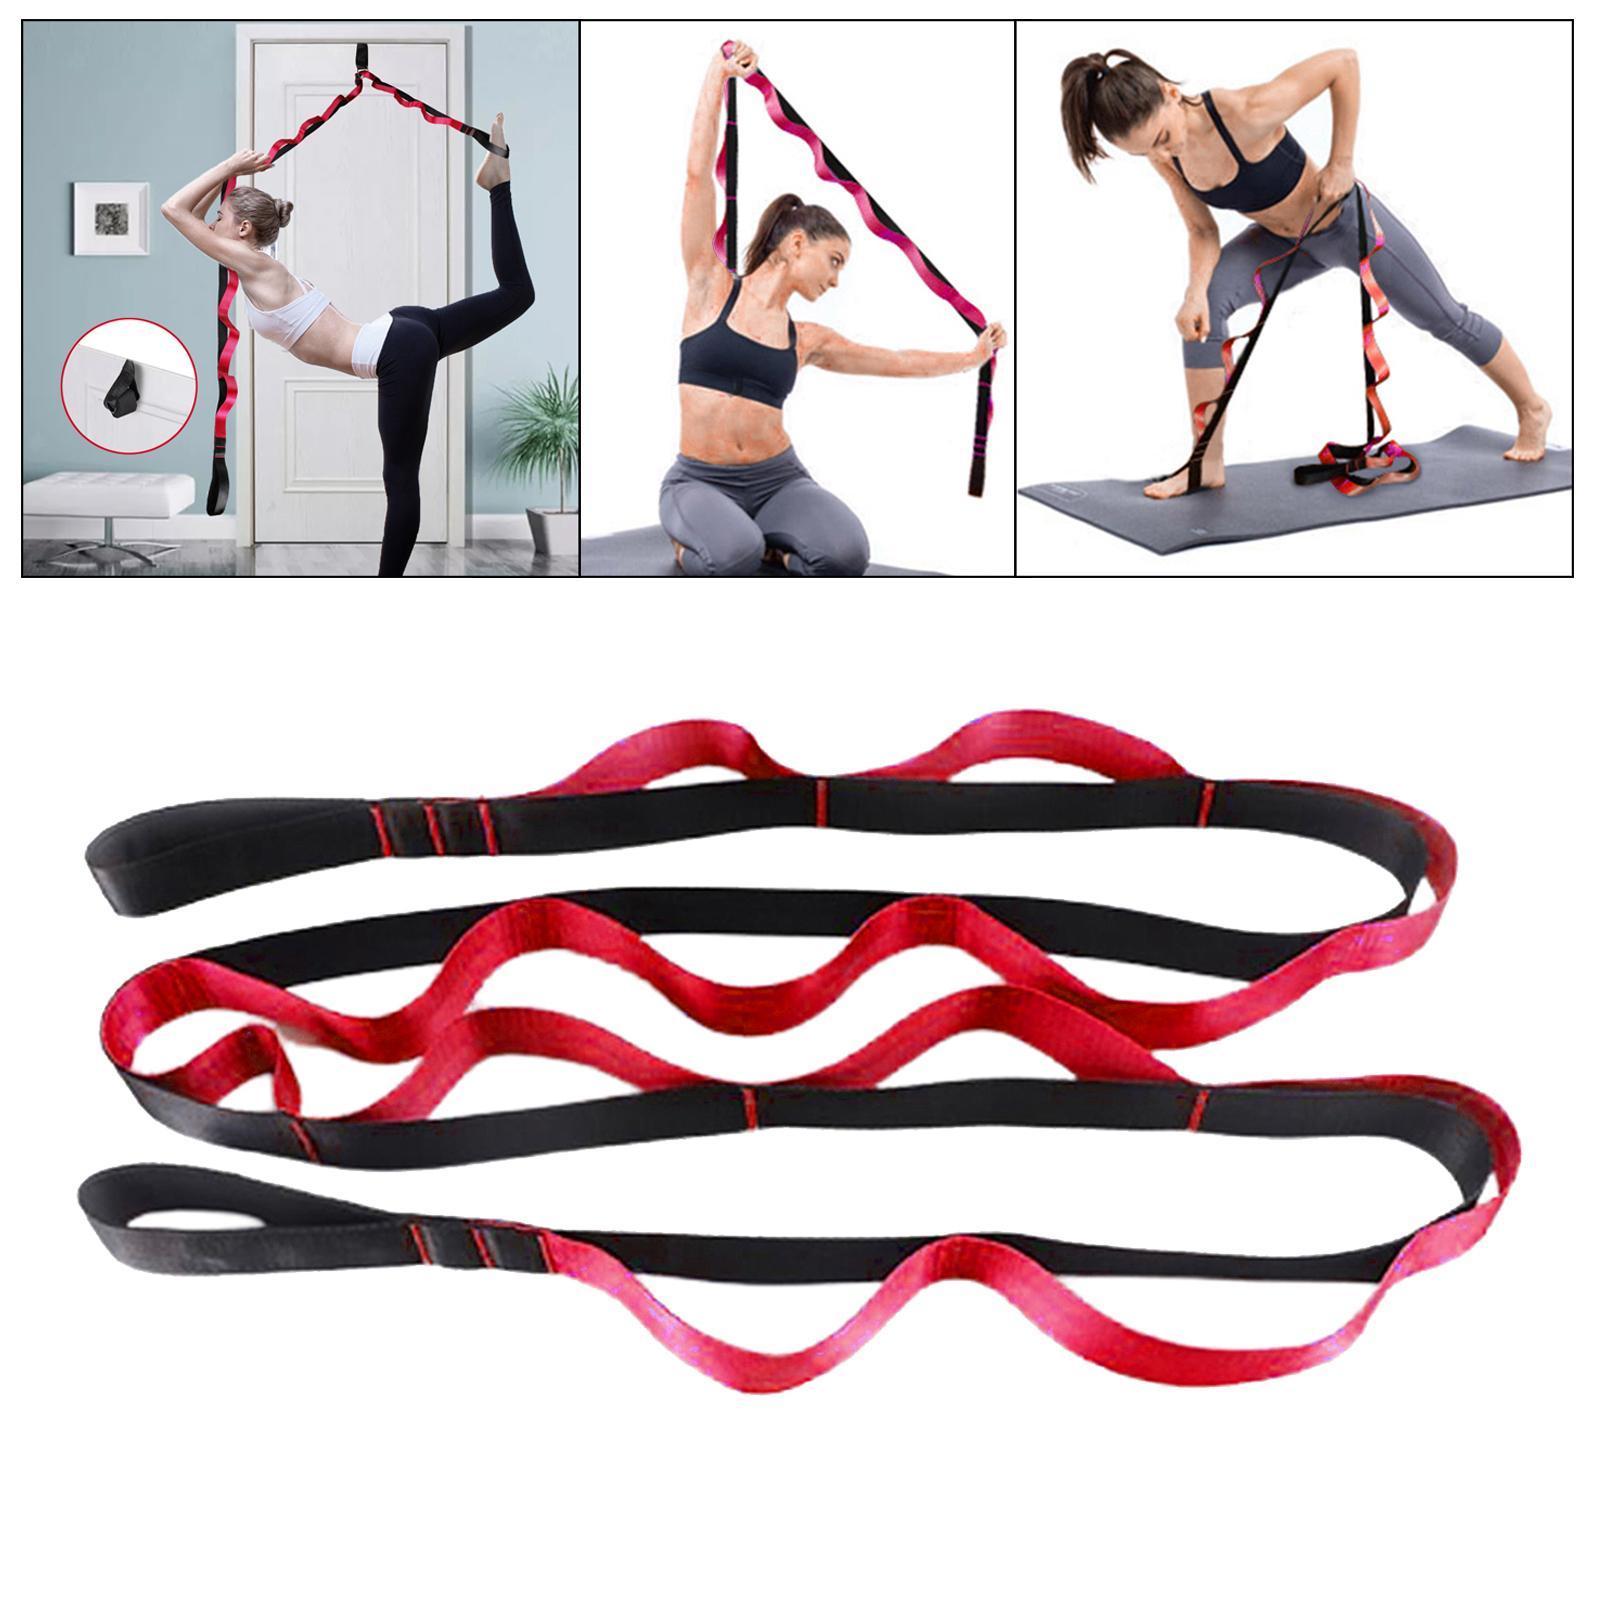 miniatura 48 - Pierna camilla yoga Stretch Strap Latin Dance Gymnastic pull cinturón flexibilidad